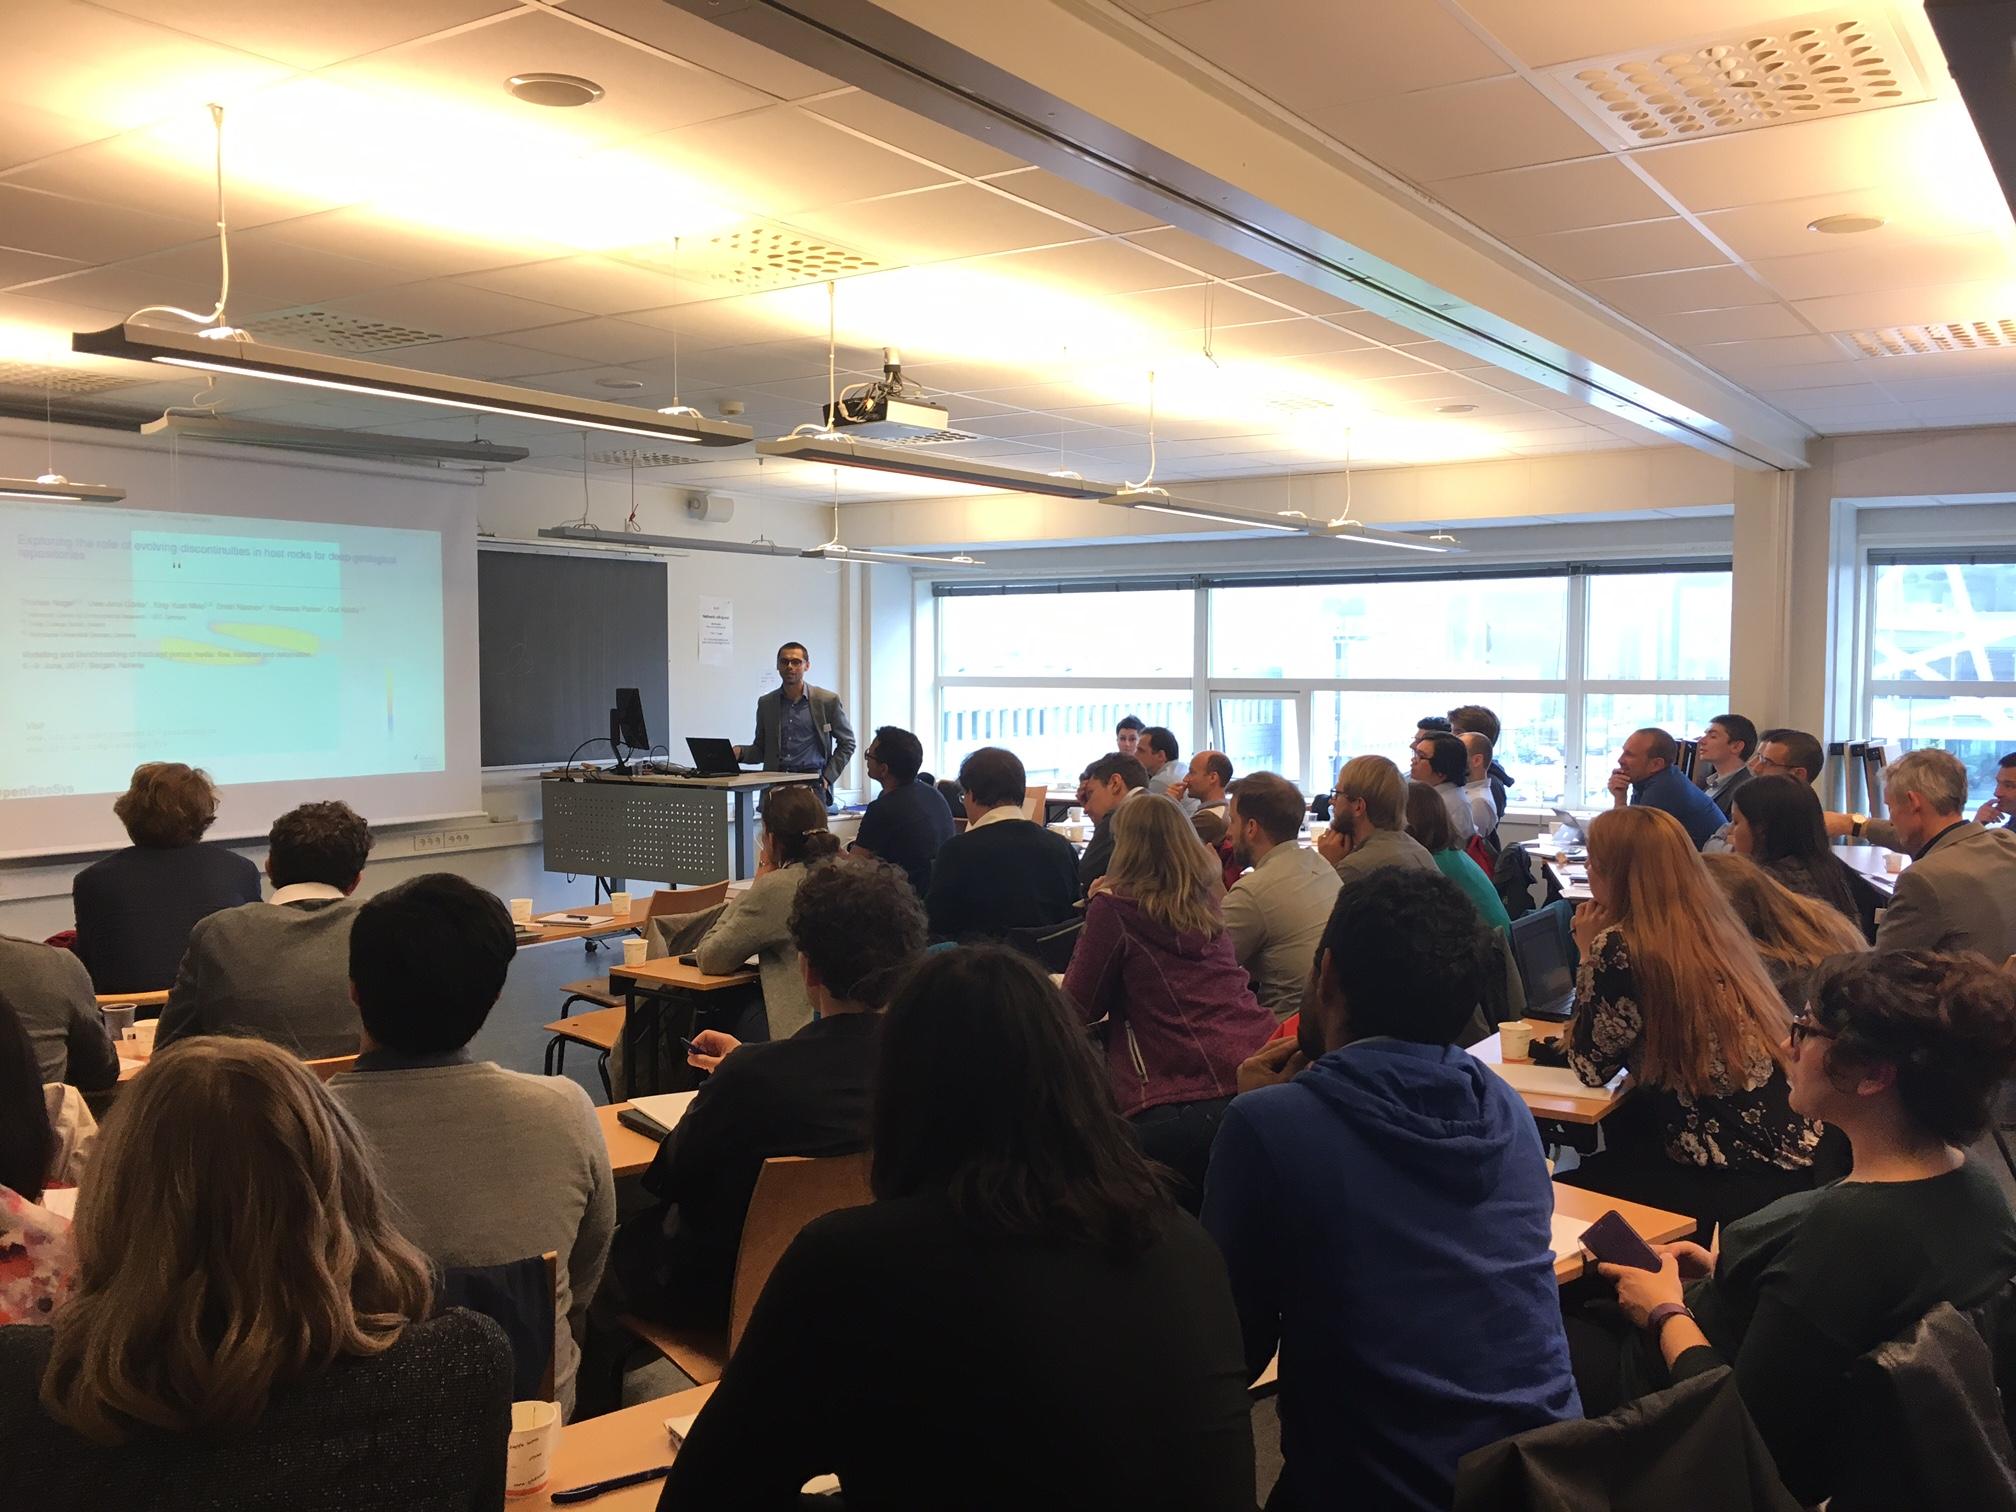 Thomas Nagel's presentation